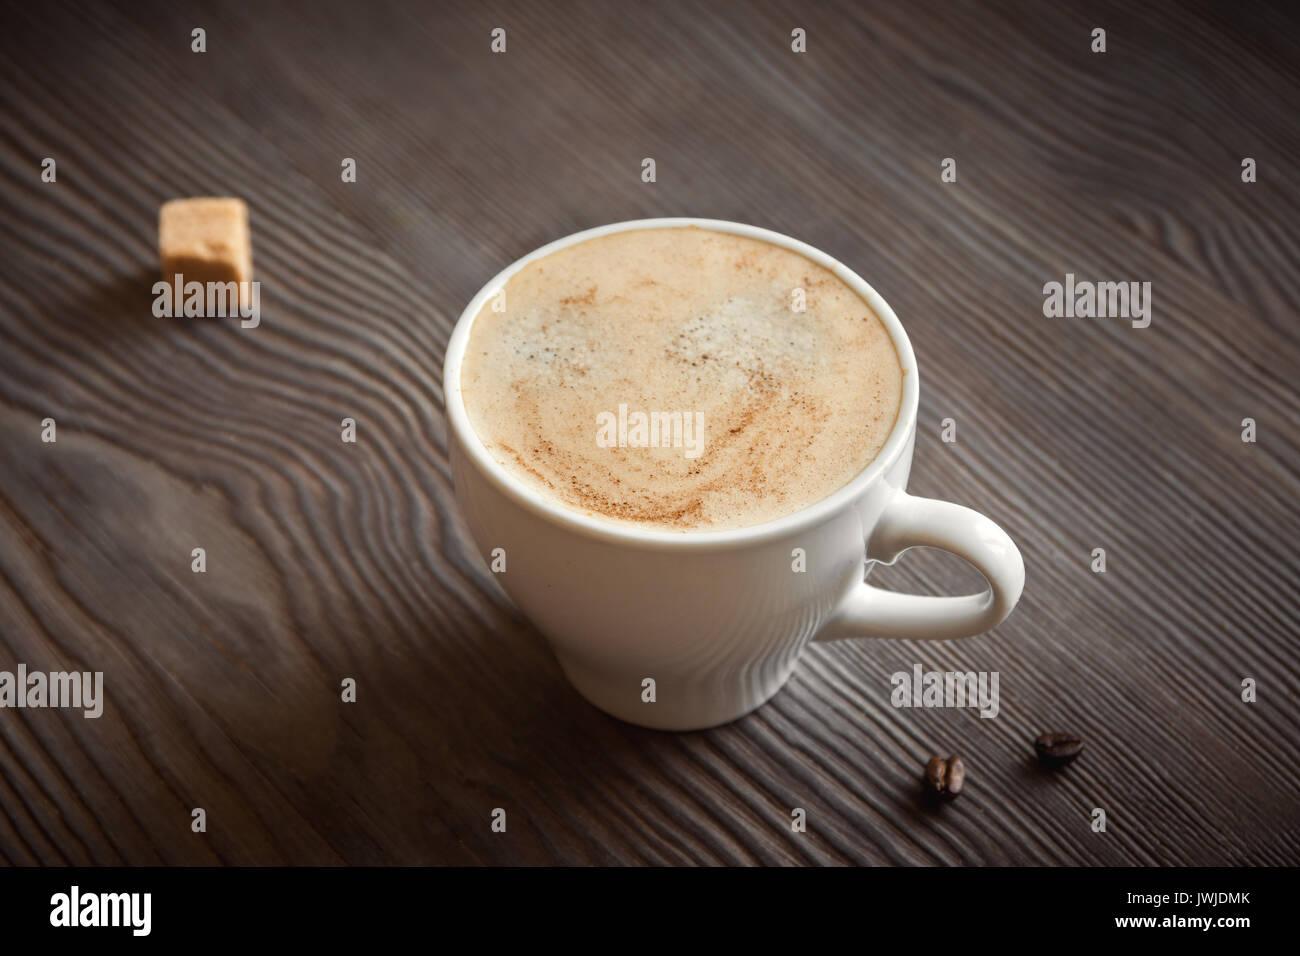 Tasse Kaffee Mit Zimt Brauner Zucker Und Kaffeebohnen Cappuccino